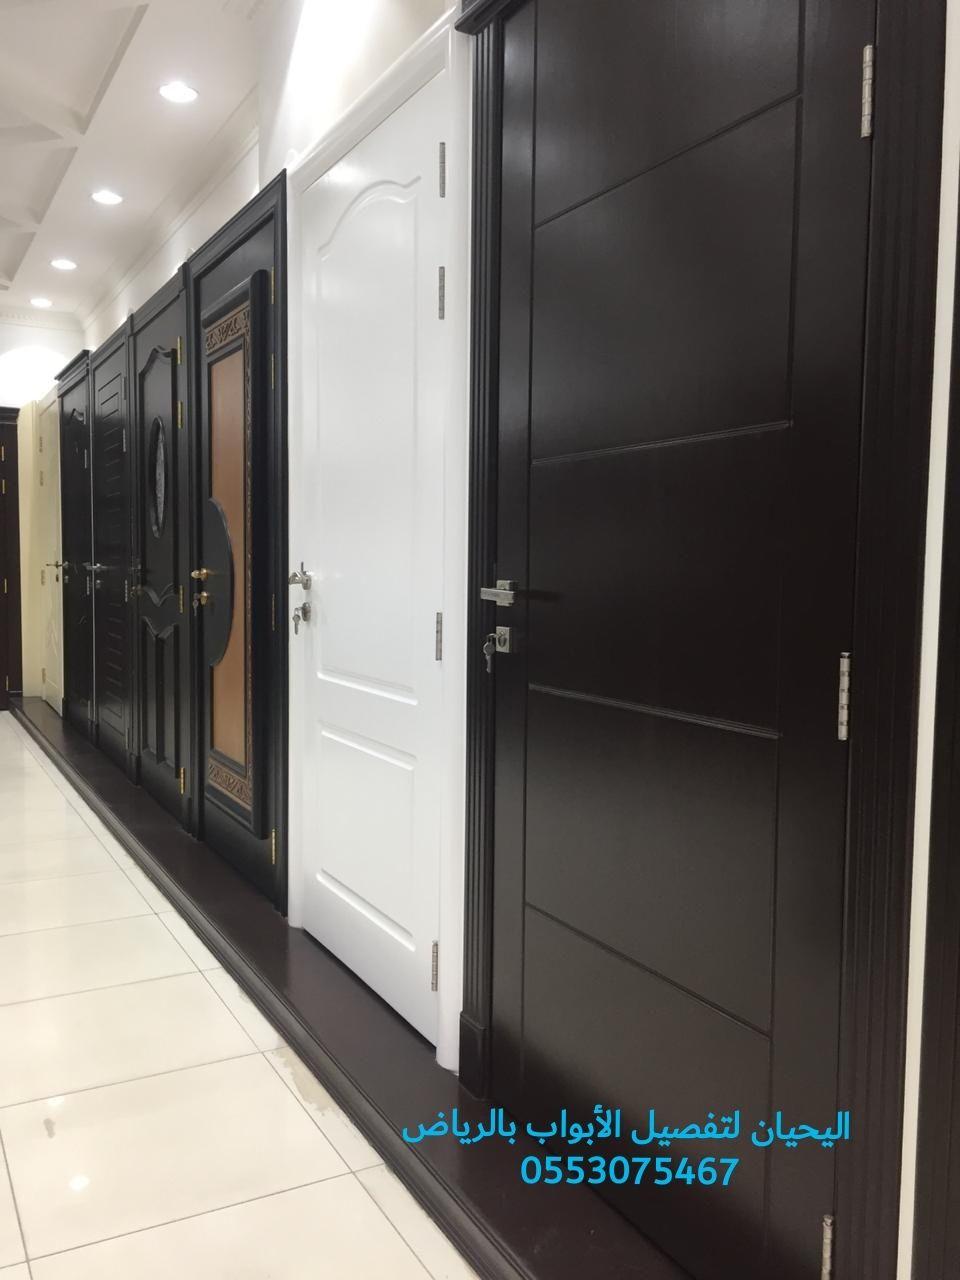 اليحيان لتصنيع ابواب خشب داخليه مودرن وكلاسيك بالرياض 0553075467 بيع ابواب خشبيه بالجمله بالرياض اختيارك الصحيح عند البحث عن Locker Storage Storage Lockers